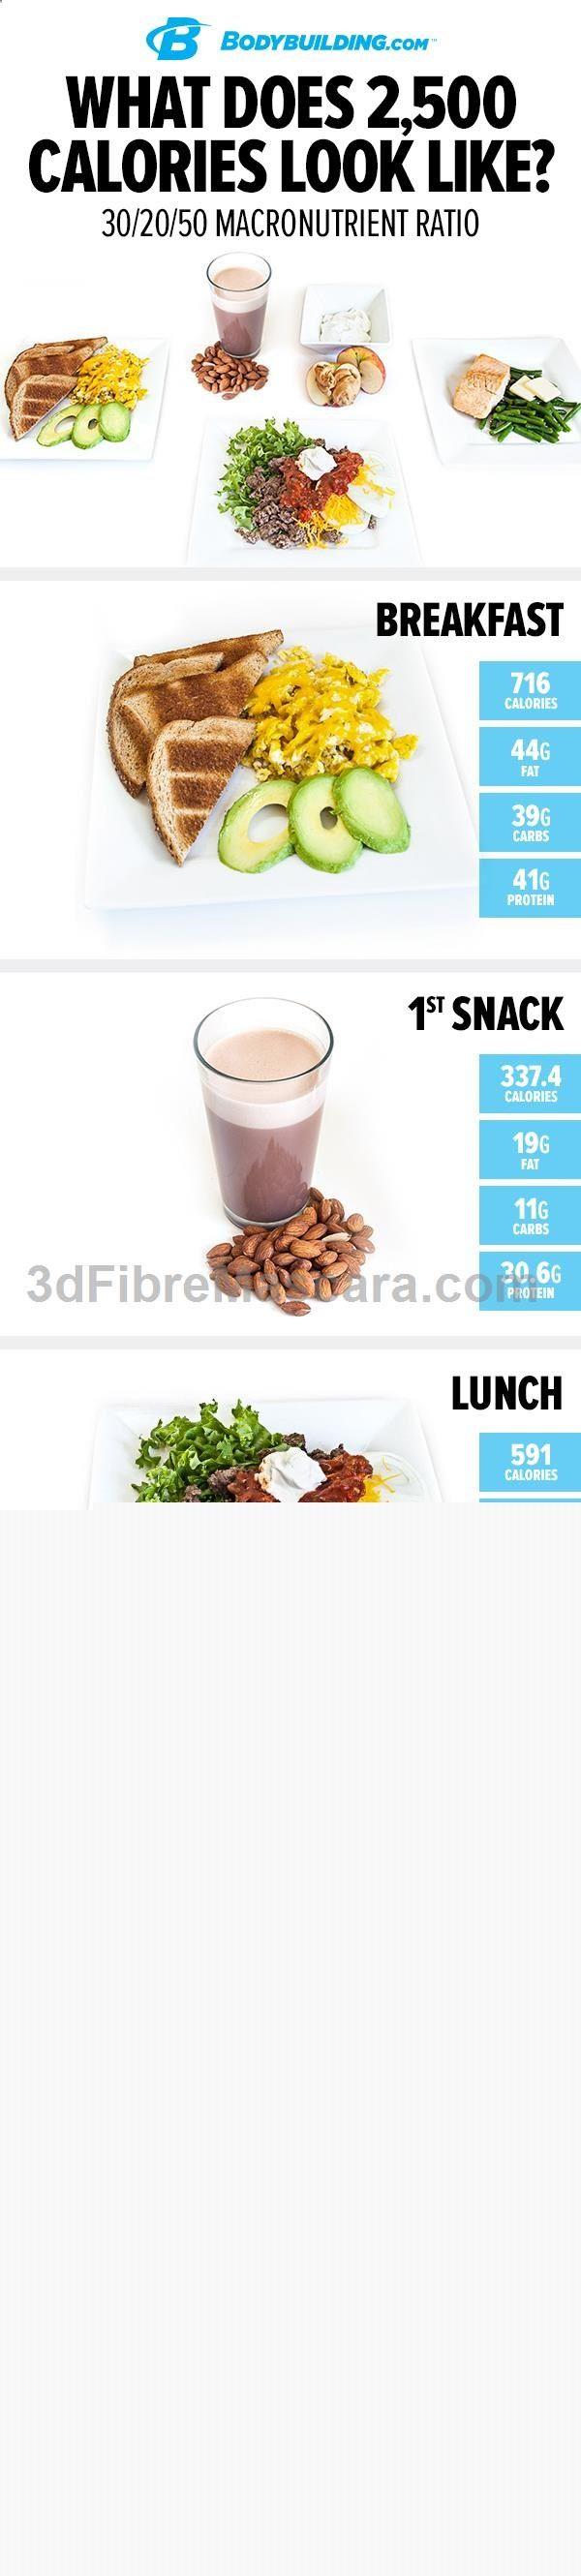 What Does 2,500 Calories Look Like? #diet #dieting #lowcalories #dietplan #excercise #diabetic #diabetes #slimming #weightloss #loseweight #loseweightfast